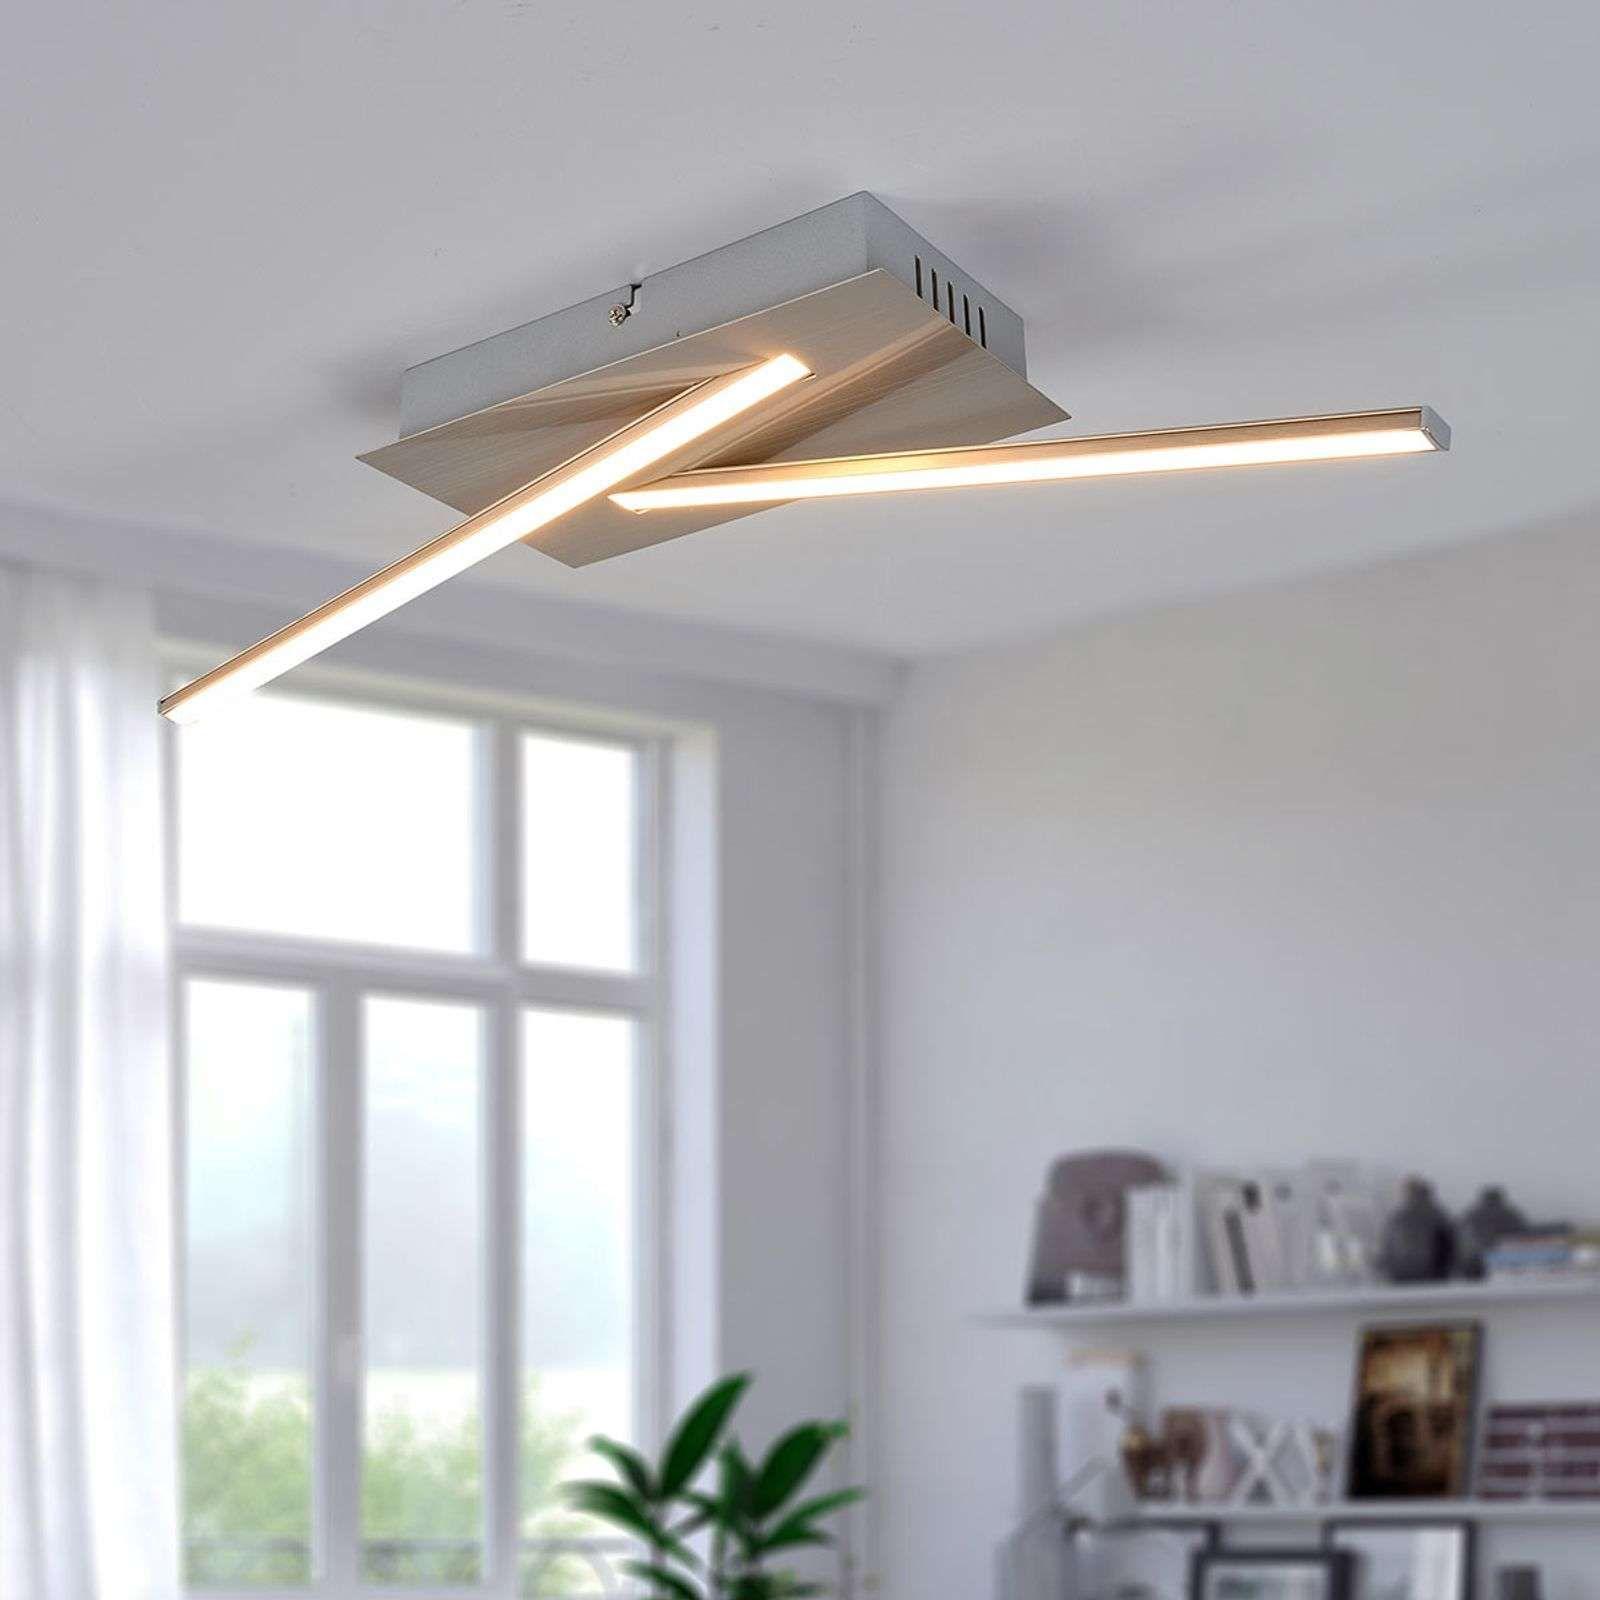 Led Badlampe Deckenlampe Deckenlampe Halogen Deckenbeleuchtung Wohnzimmer Selber Bauen Deckenleuchten Design Deckenleuchten Deckenbeleuchtung Wohnzimmer